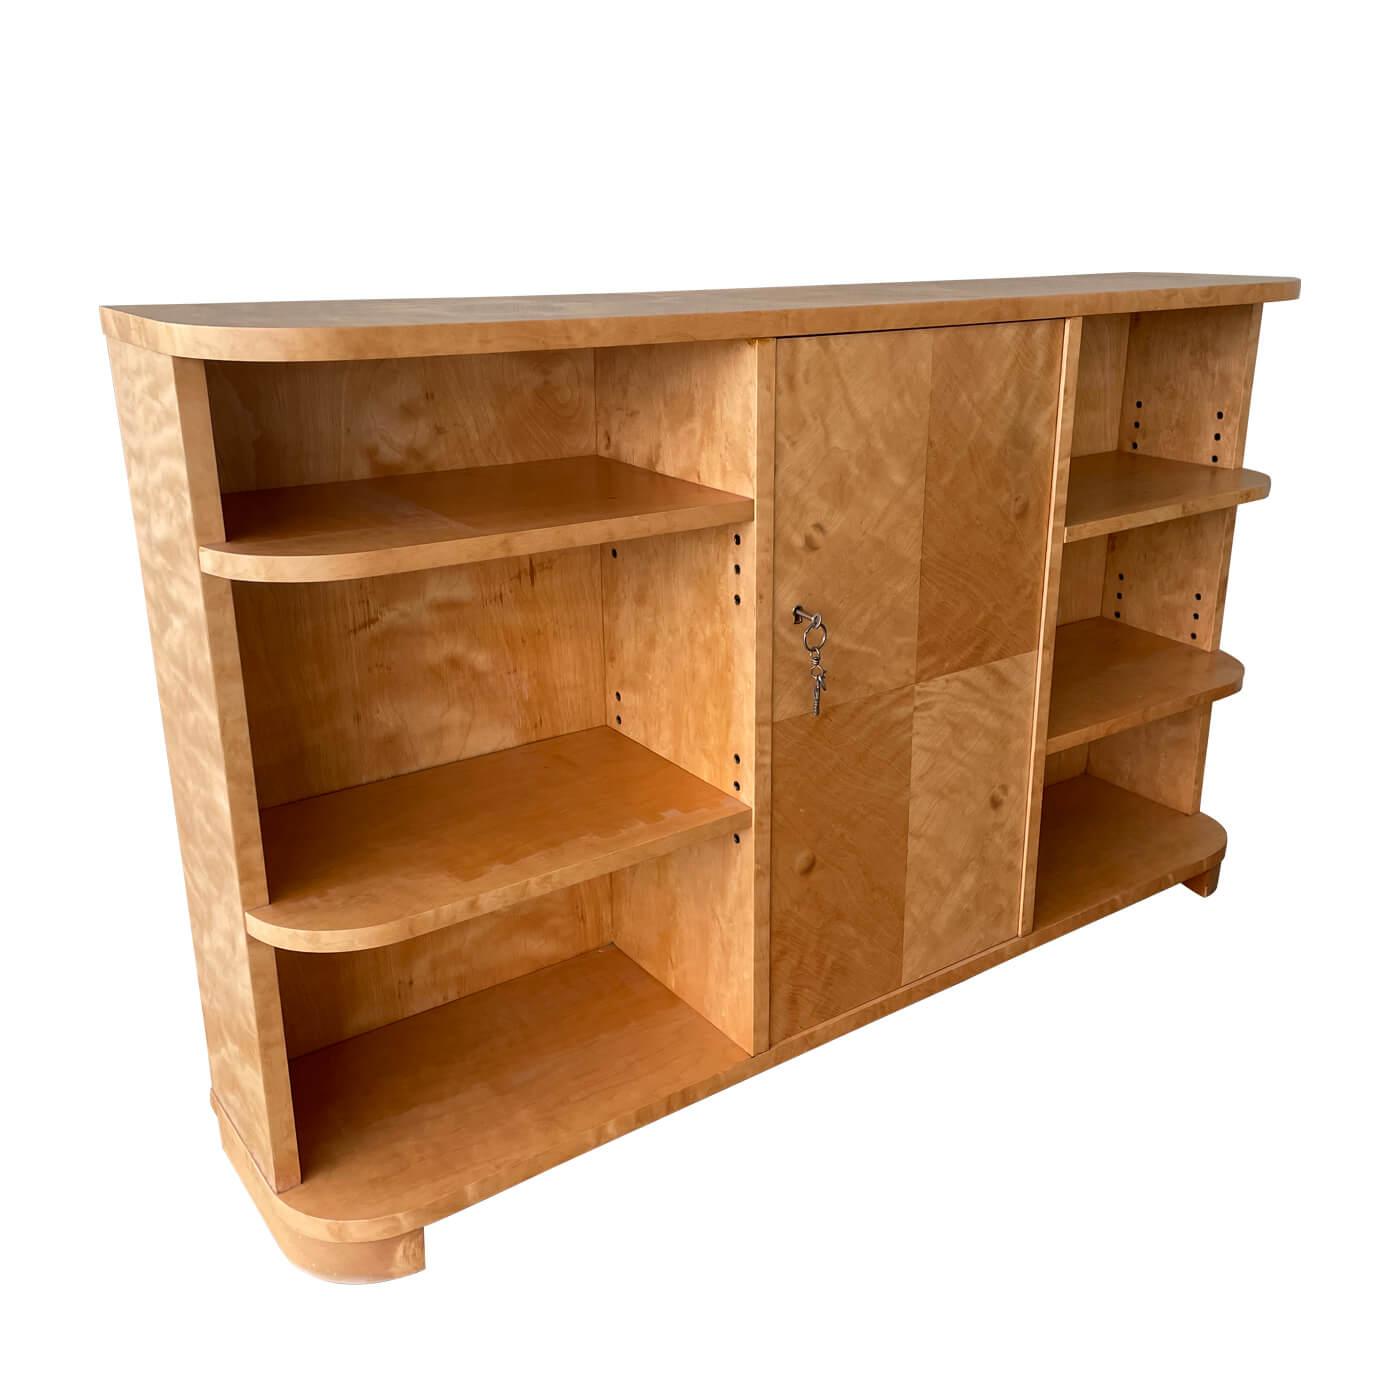 Burl maple bookshelf